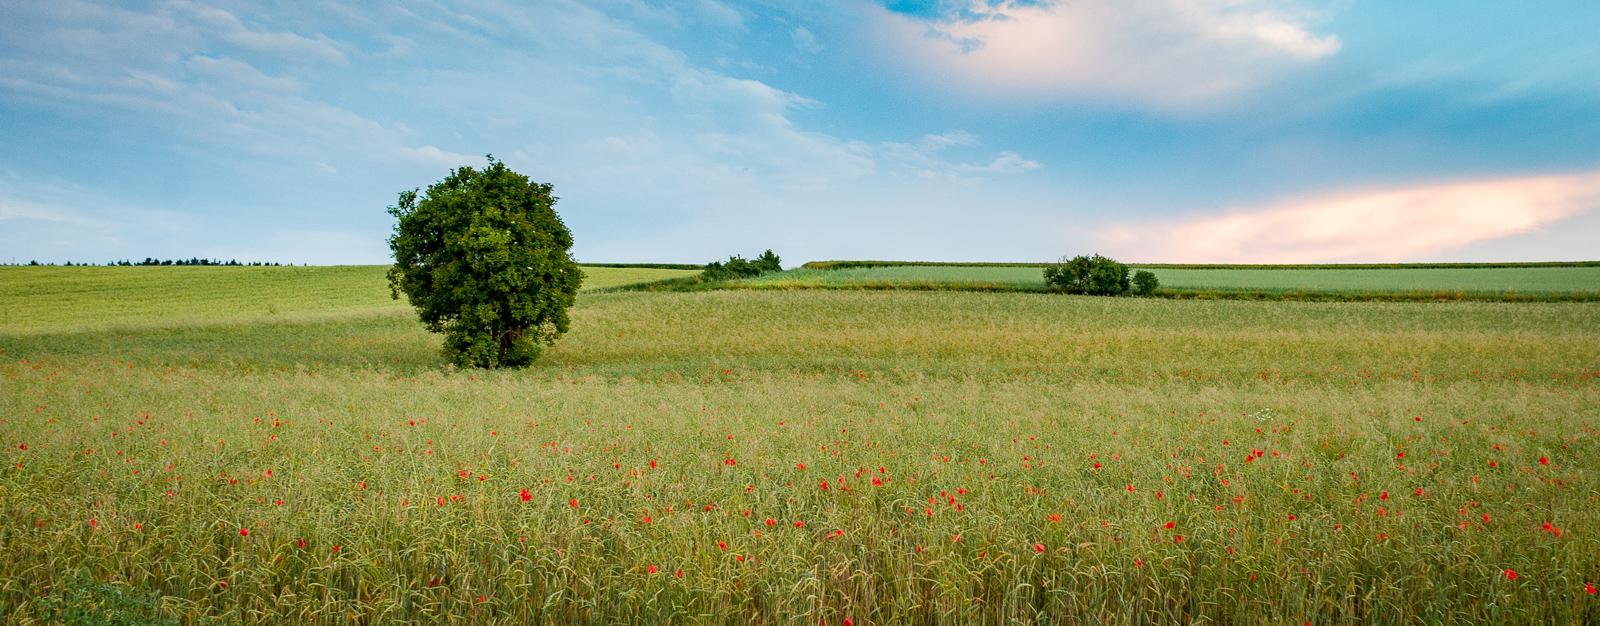 Rural Germany-9399.jpg